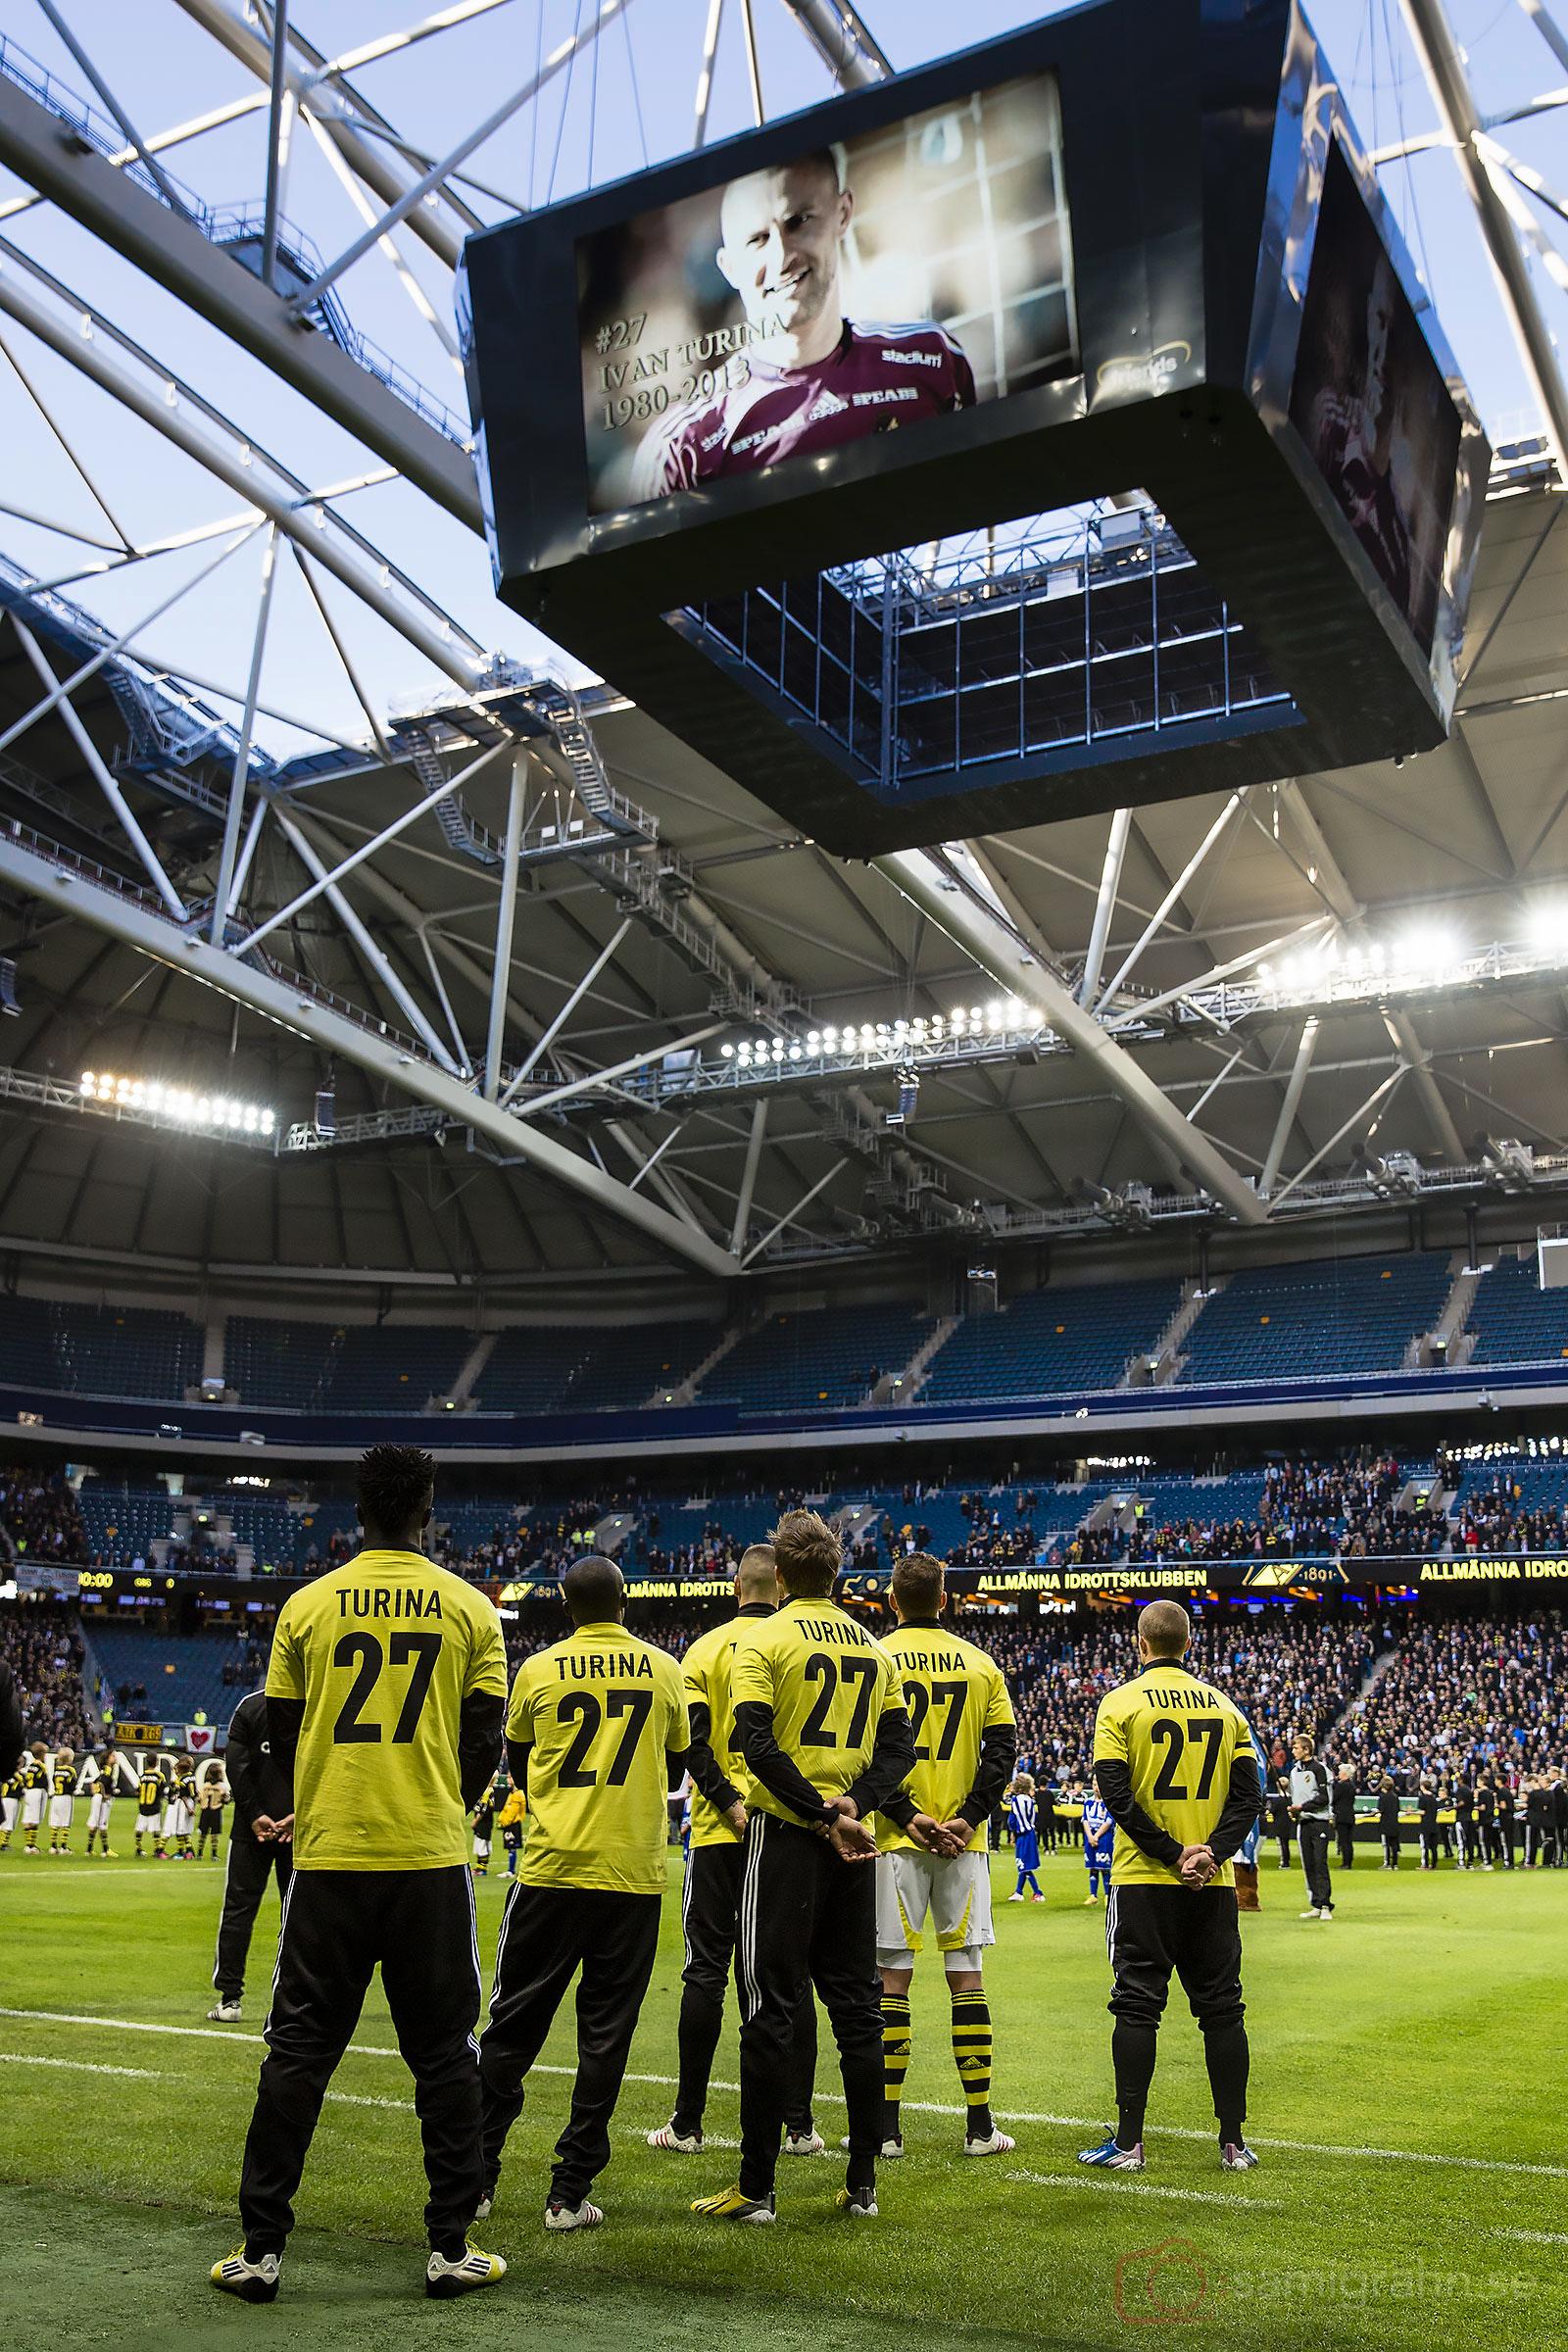 En leende Ivan Turina tittar ned på åskådarna från jumbotronen på Friends Arena